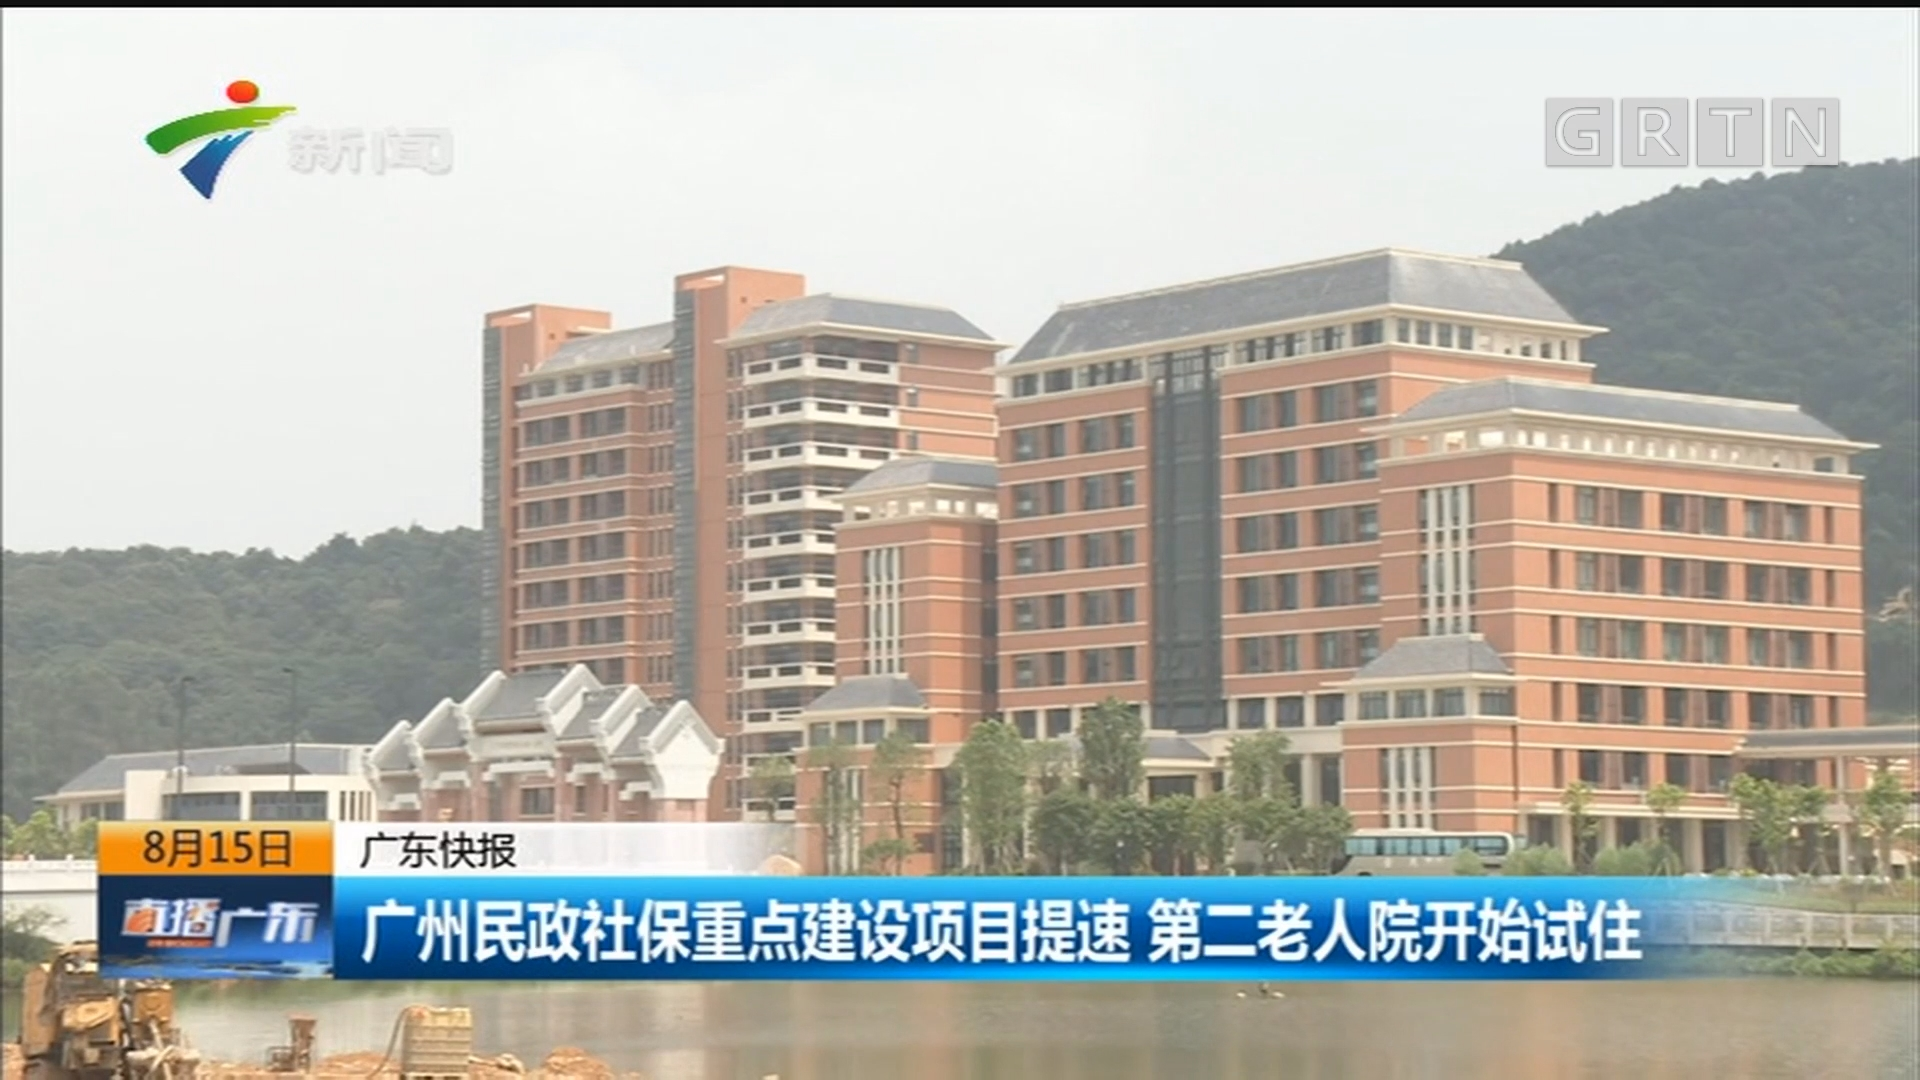 广州民政社保重点建设项目提速 第二老人院开始试住